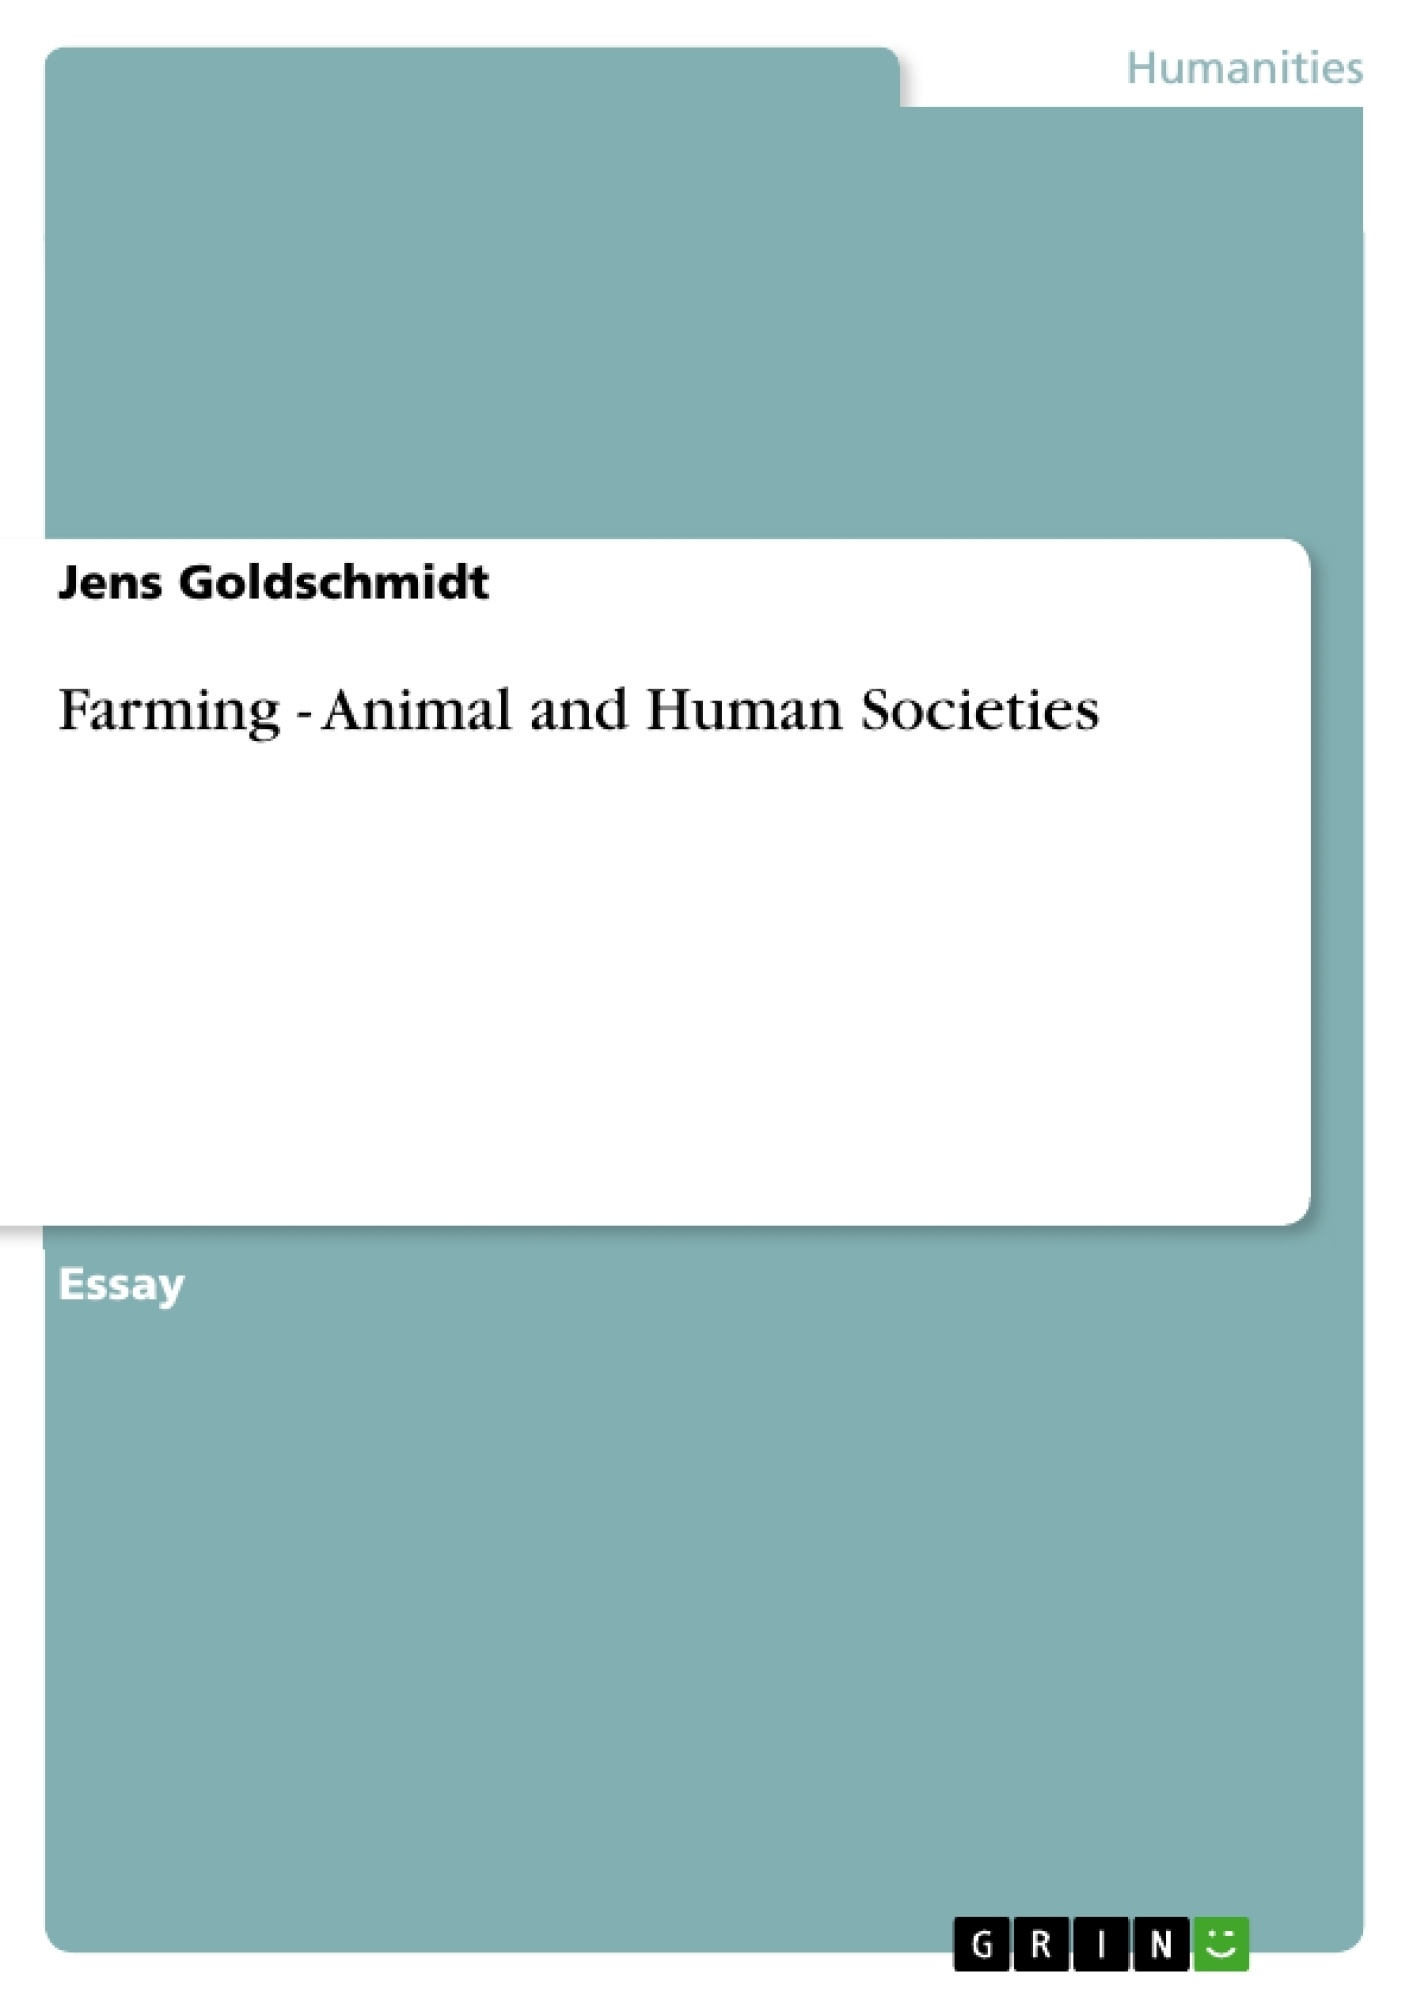 Title: Farming - Animal and Human Societies